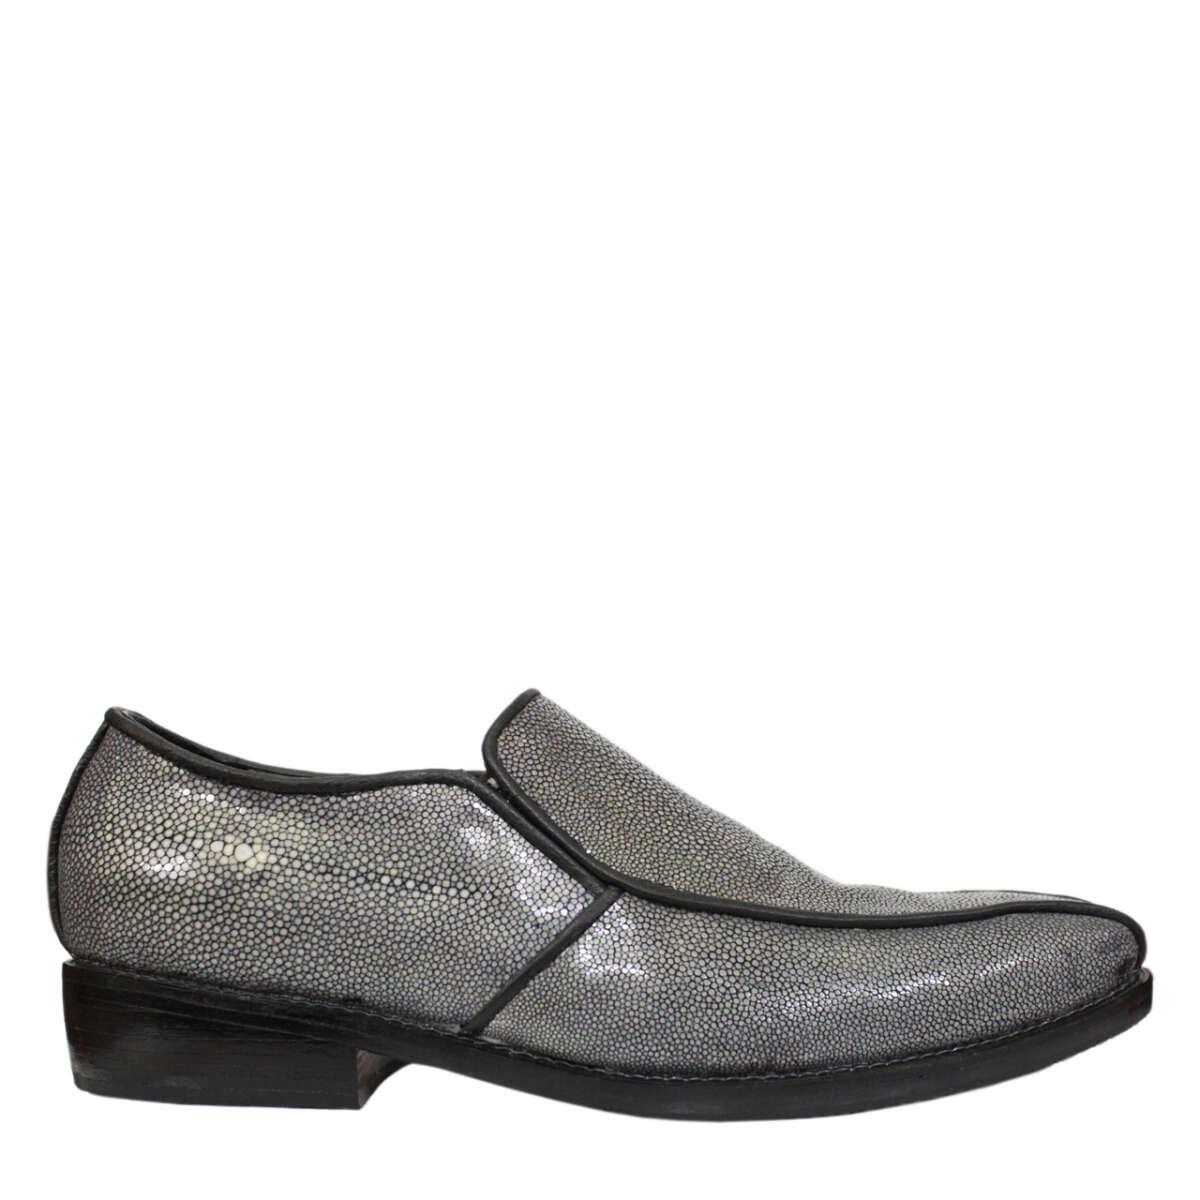 Giày nam da cá đuối D851a